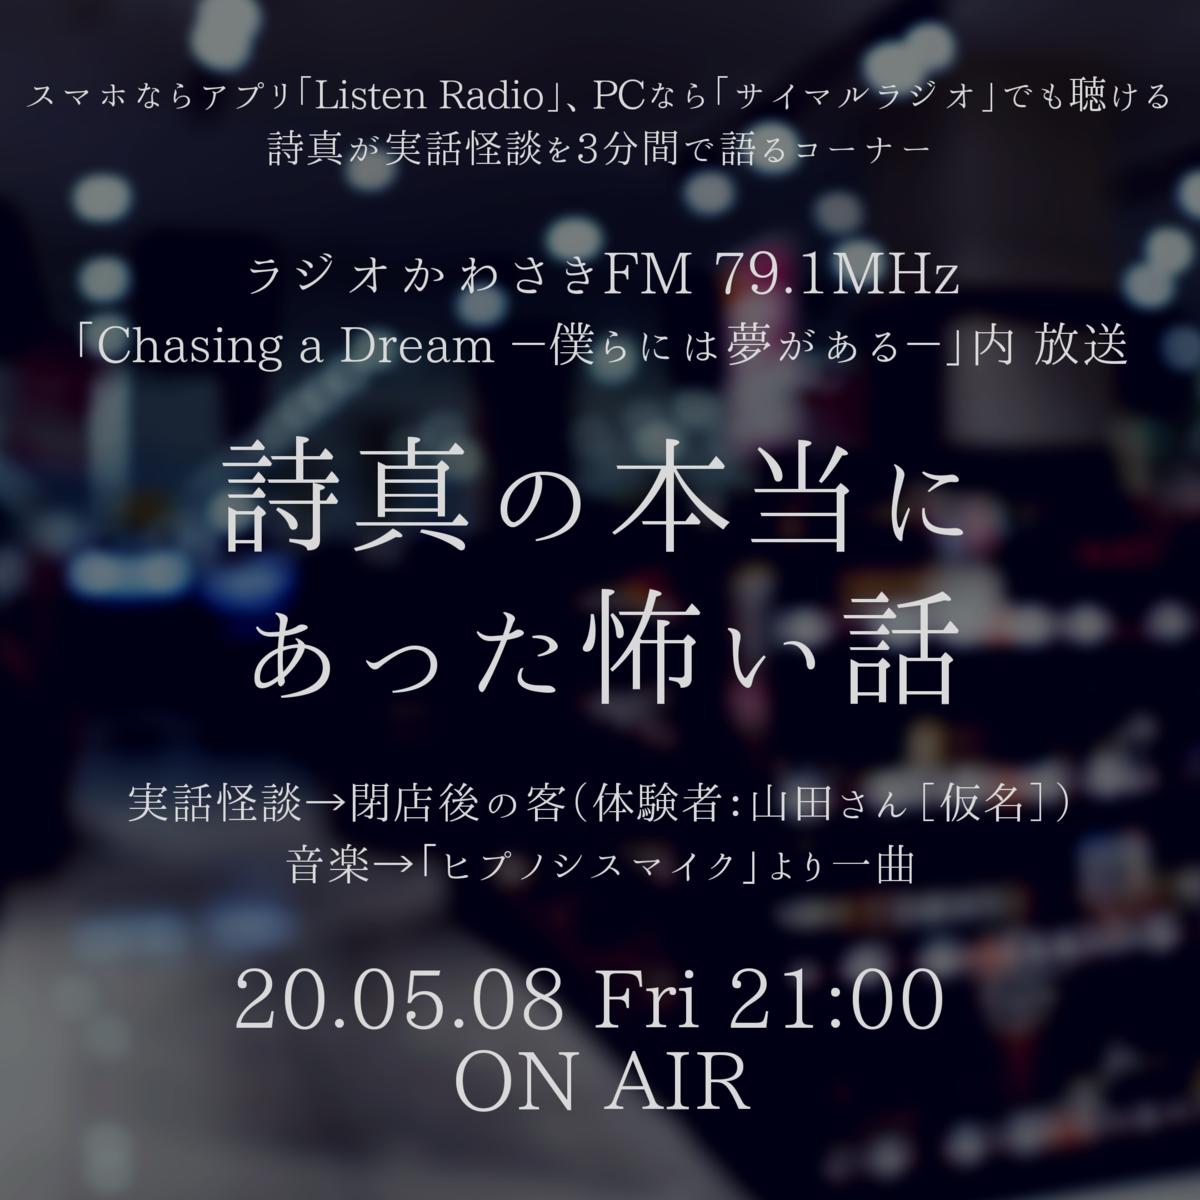 f:id:yukaitekietsu:20200507030714p:plain